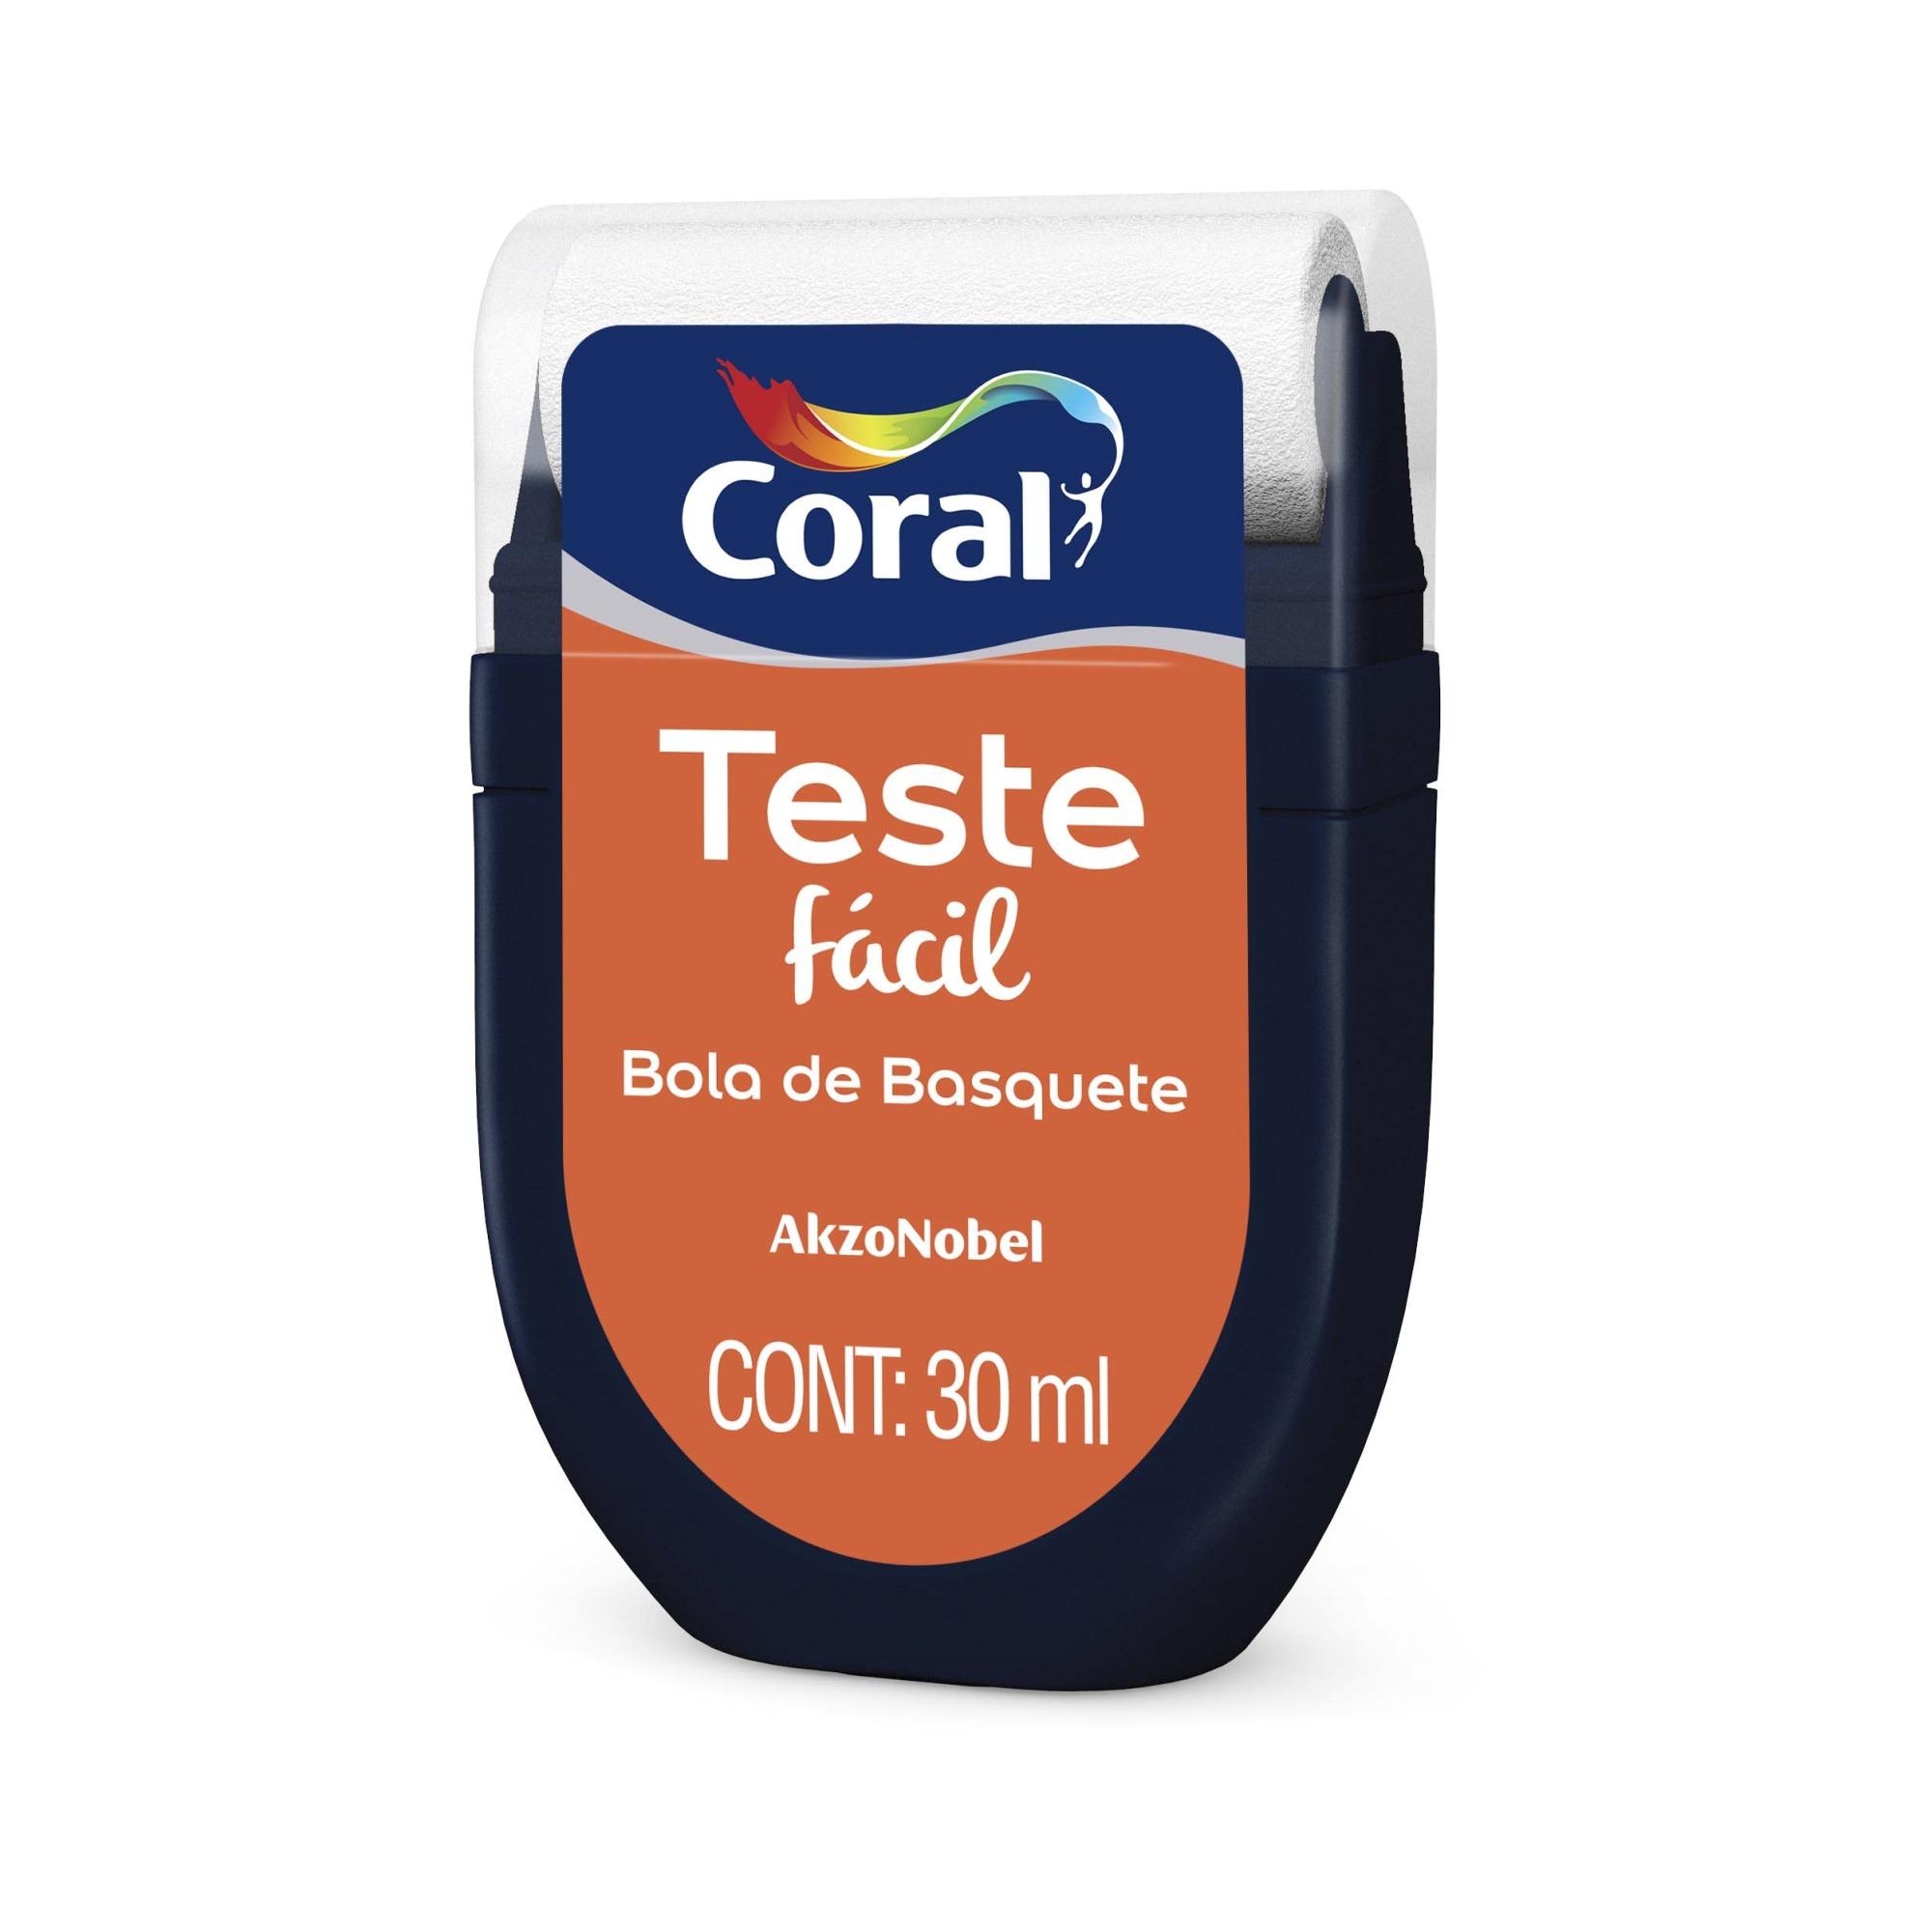 Teste Facil 30ml Bola de Basquete - Coral